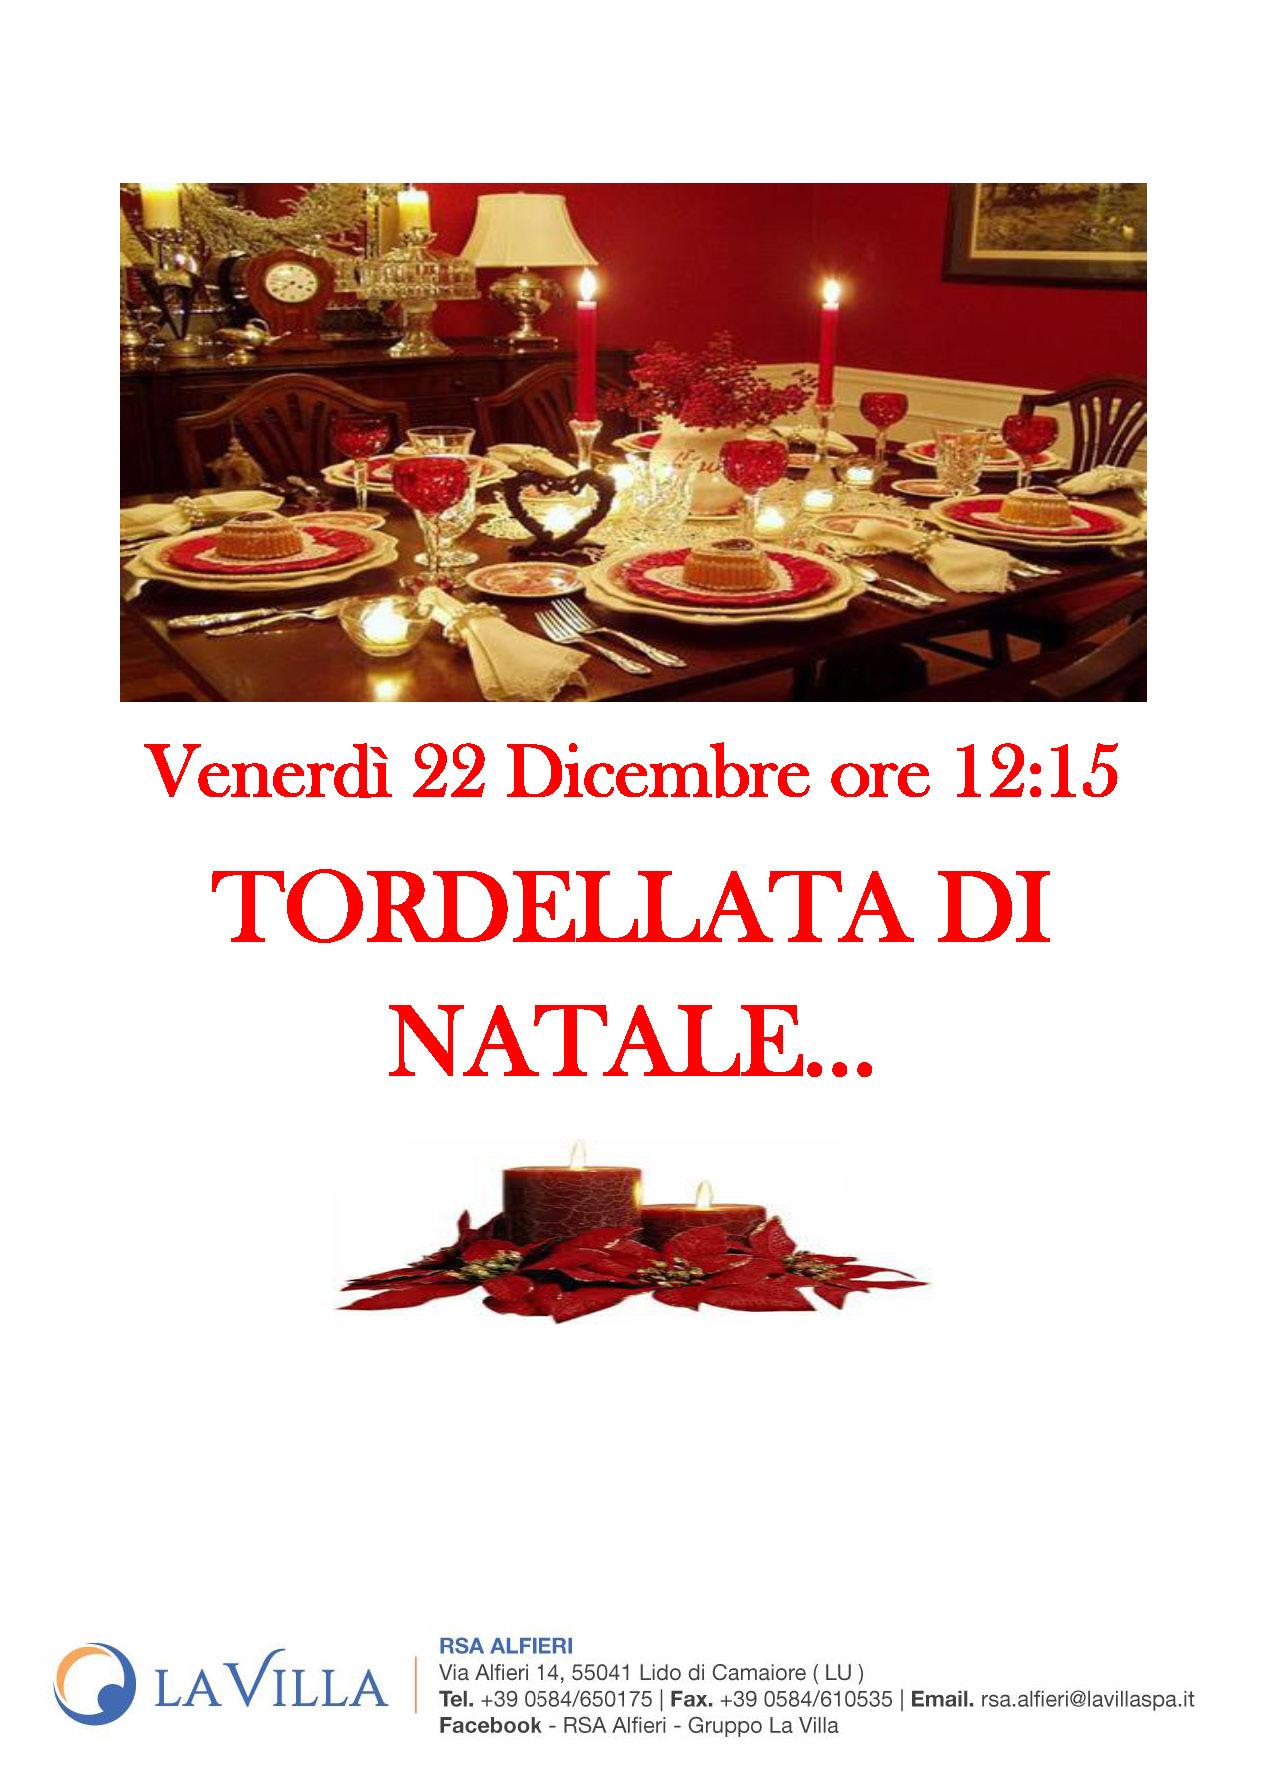 TORDELLATA DI NATALE All'Alfieri